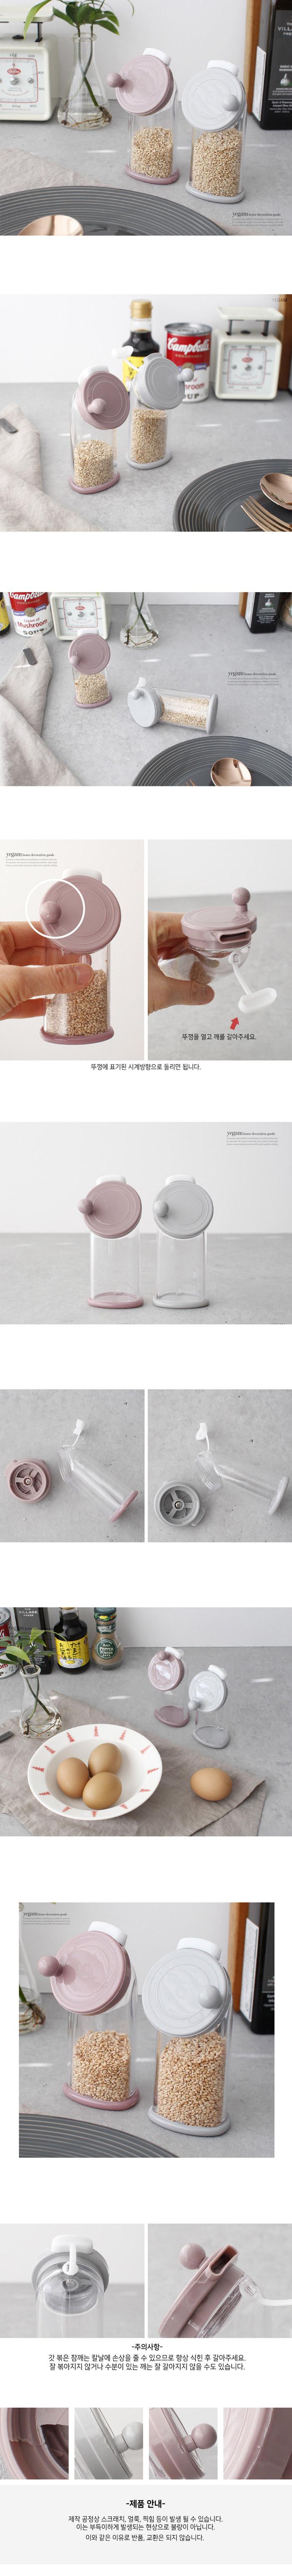 파스텔 수동 깨갈이(2color) lovesweety - 꾸미기 좋은날, 4,300원, 밀폐/보관용기, 양념통/오일통